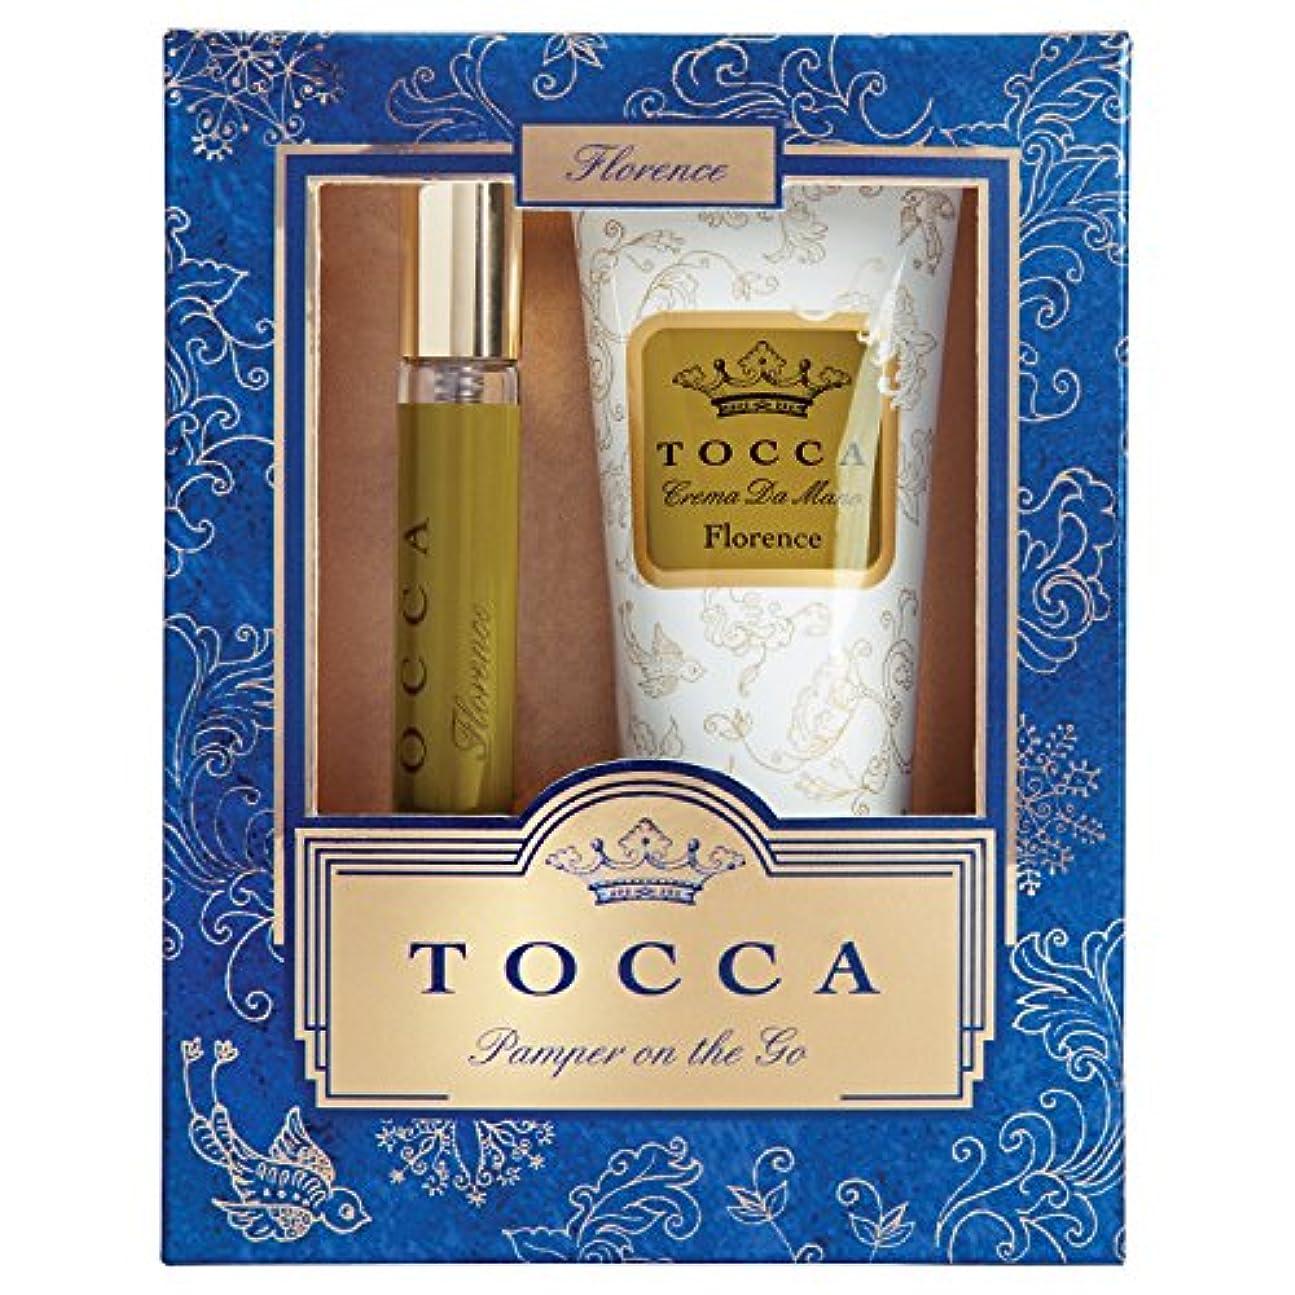 健康的放散するわざわざトッカ(TOCCA) トラベルパンパーセットギルディッド フローレンスの香り (ハンドクリーム&香水、限定コフレ)